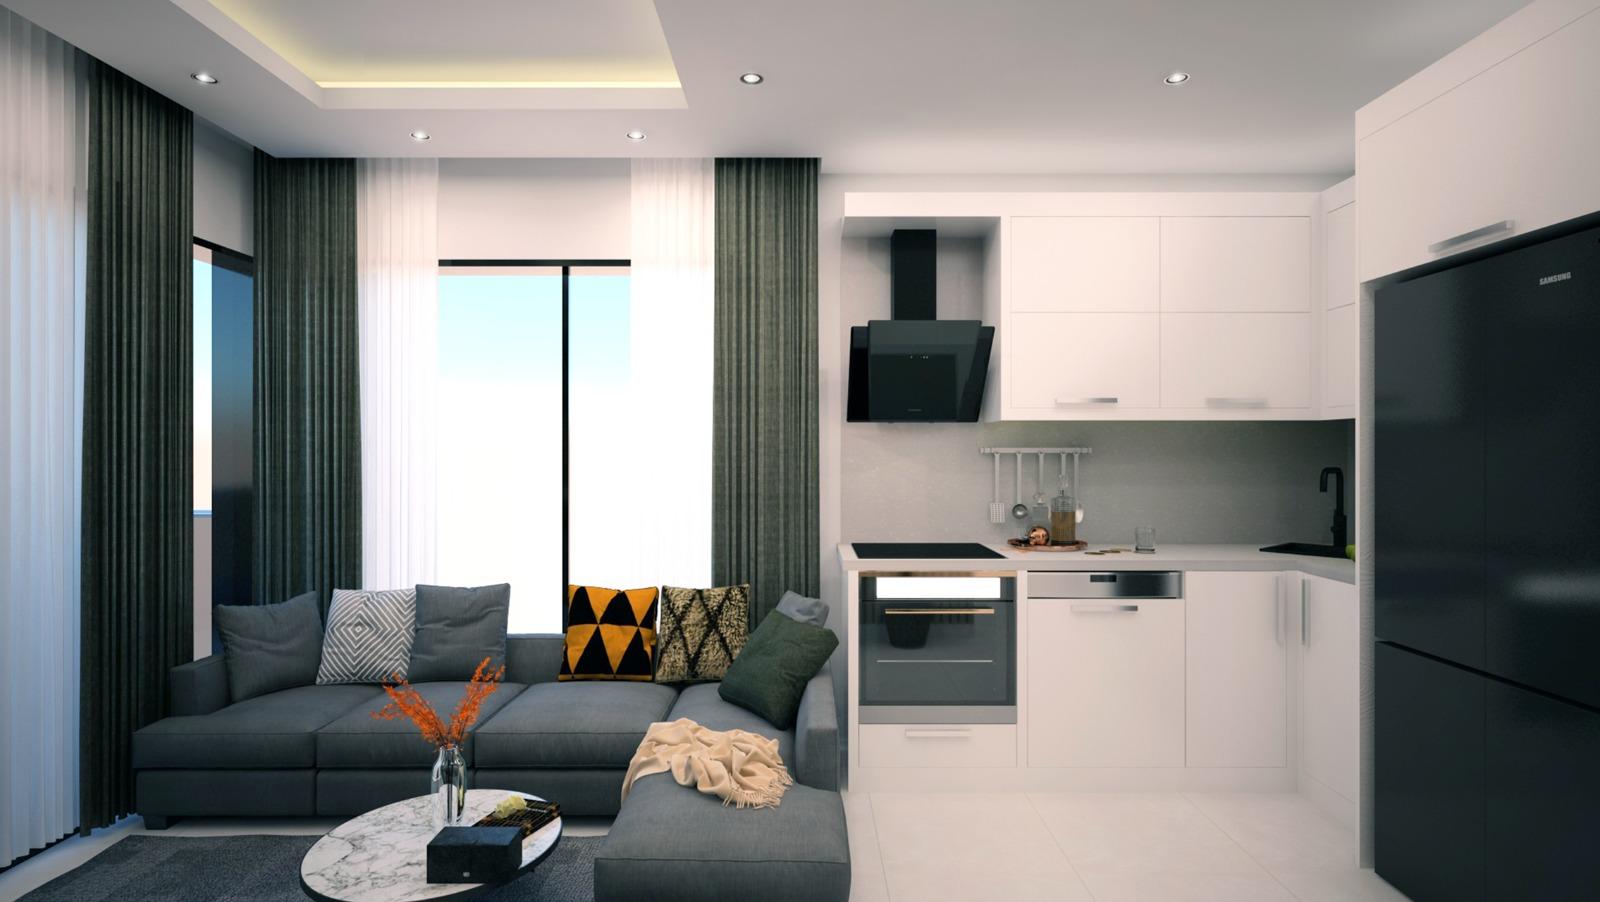 Новые квартиры по приемлемым ценам в строящемся комплексе - Фото 17